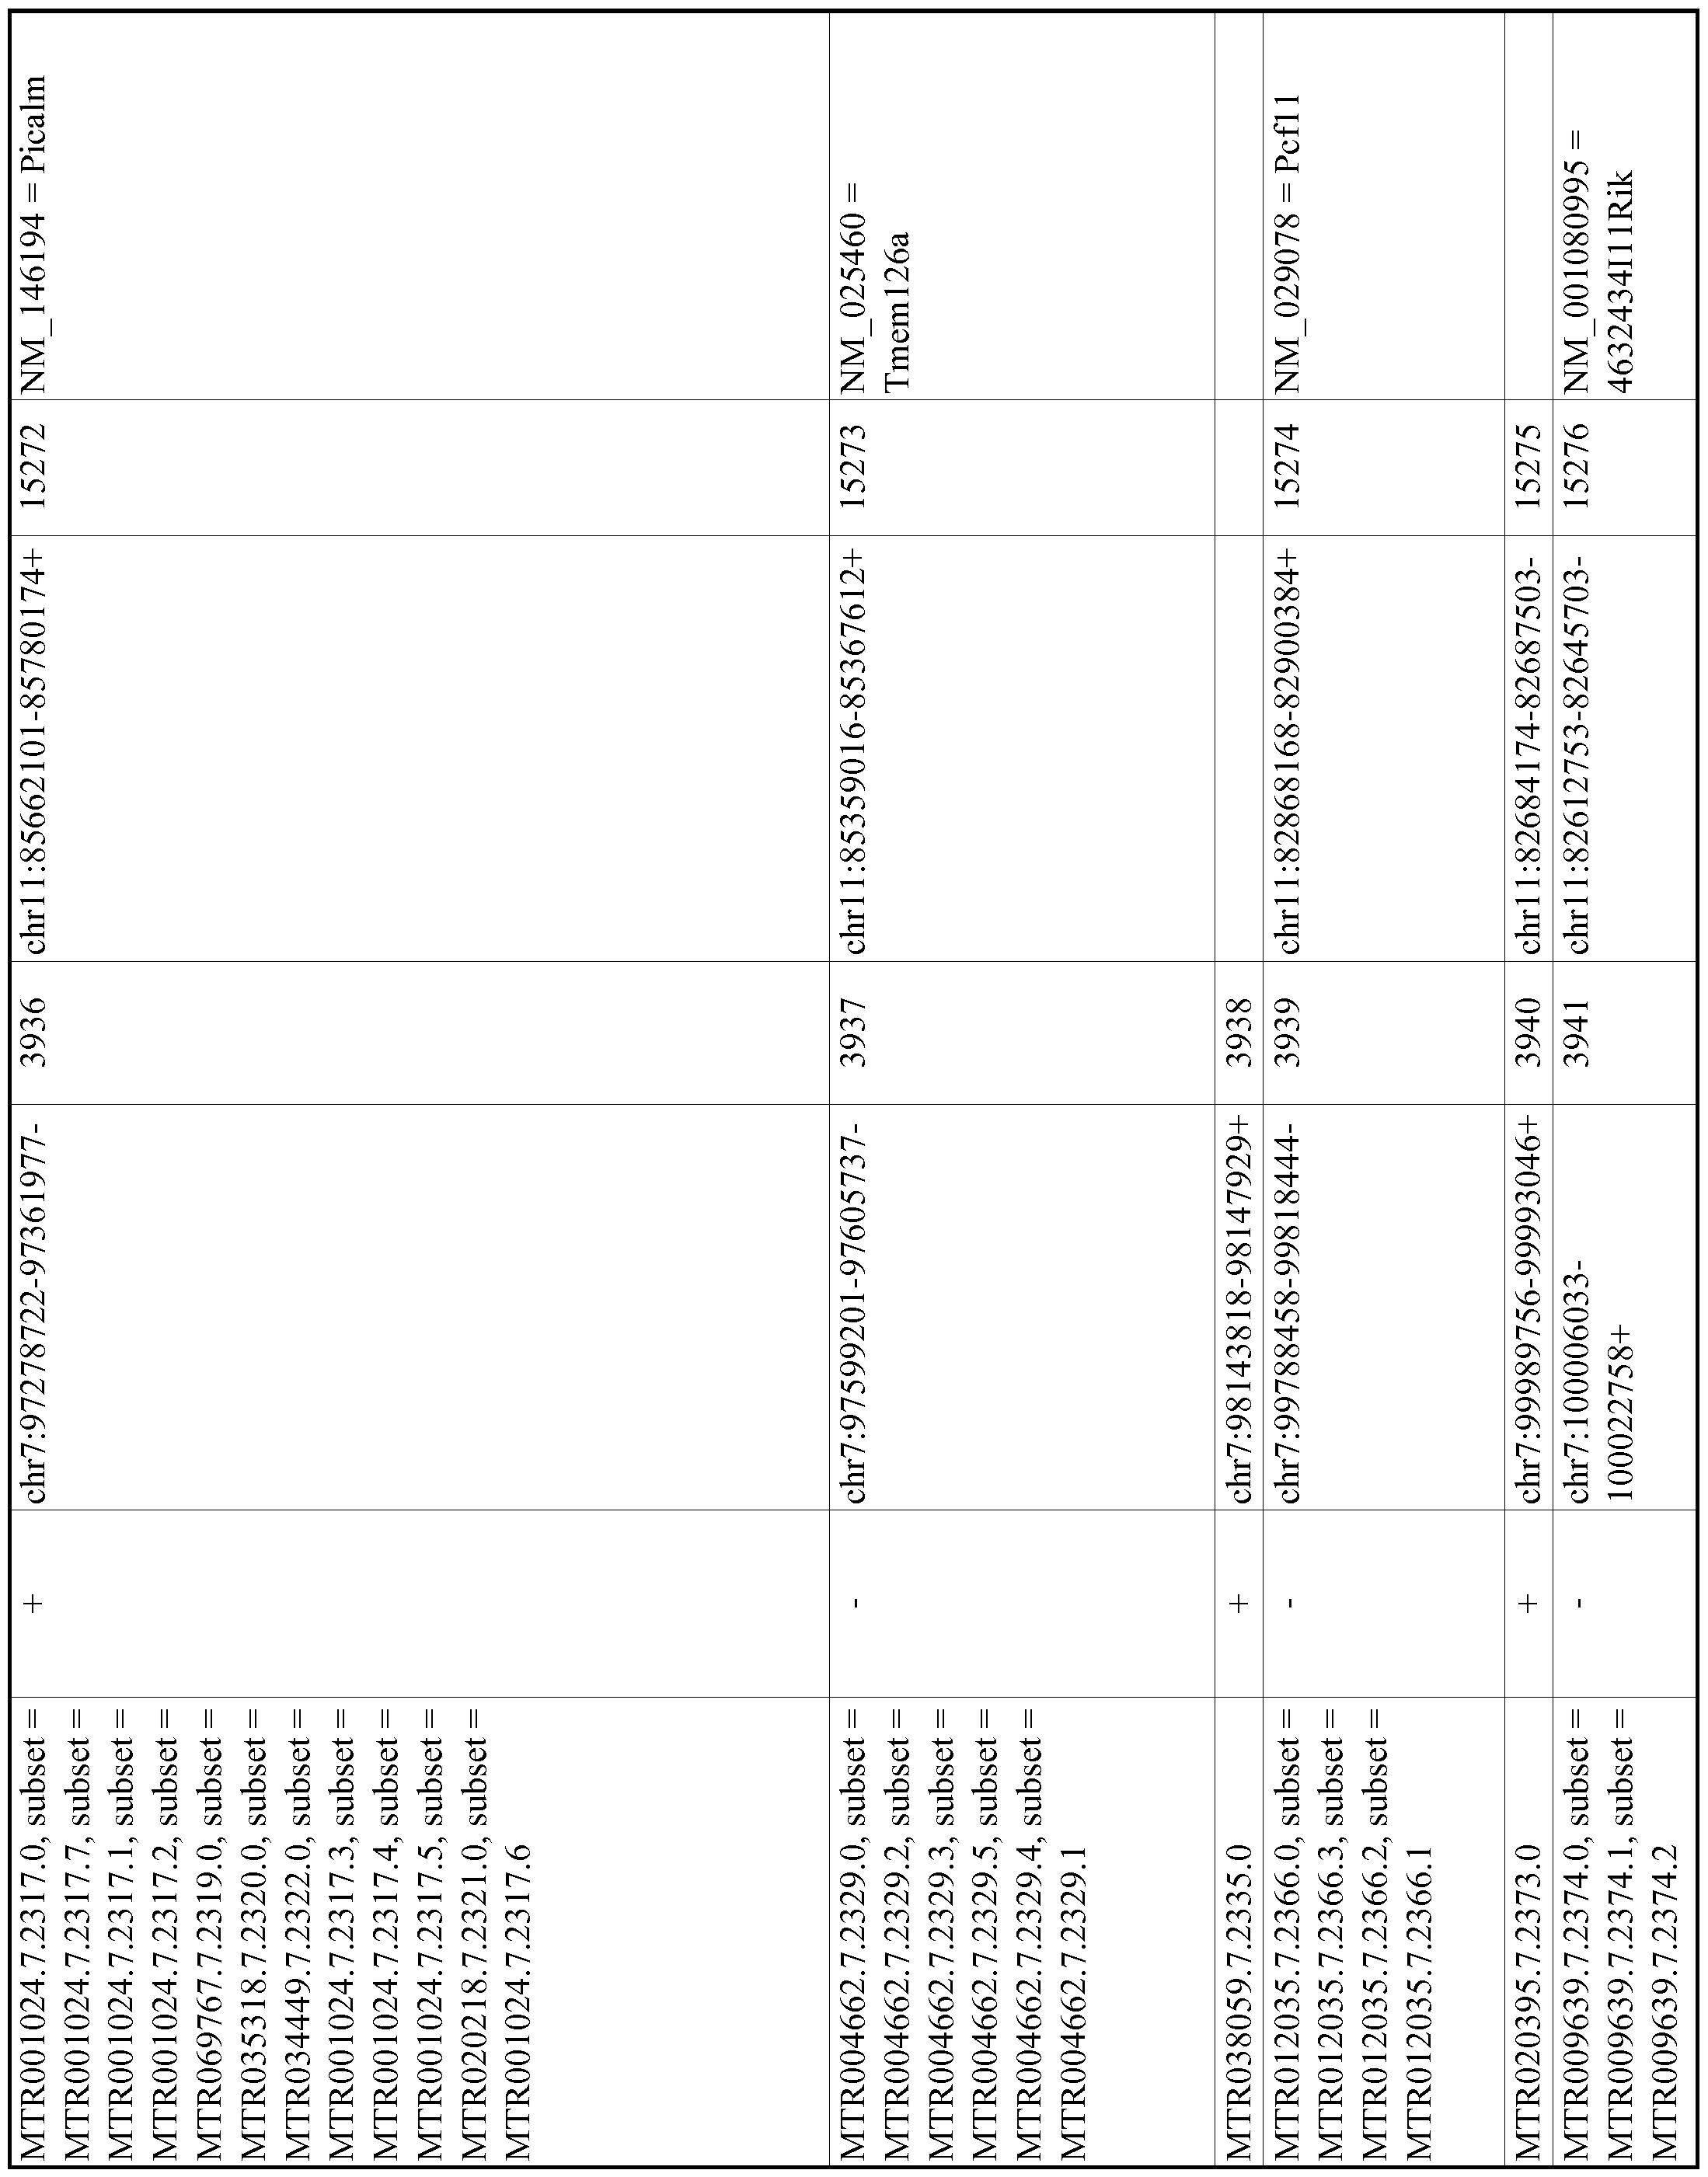 Figure imgf000752_0001